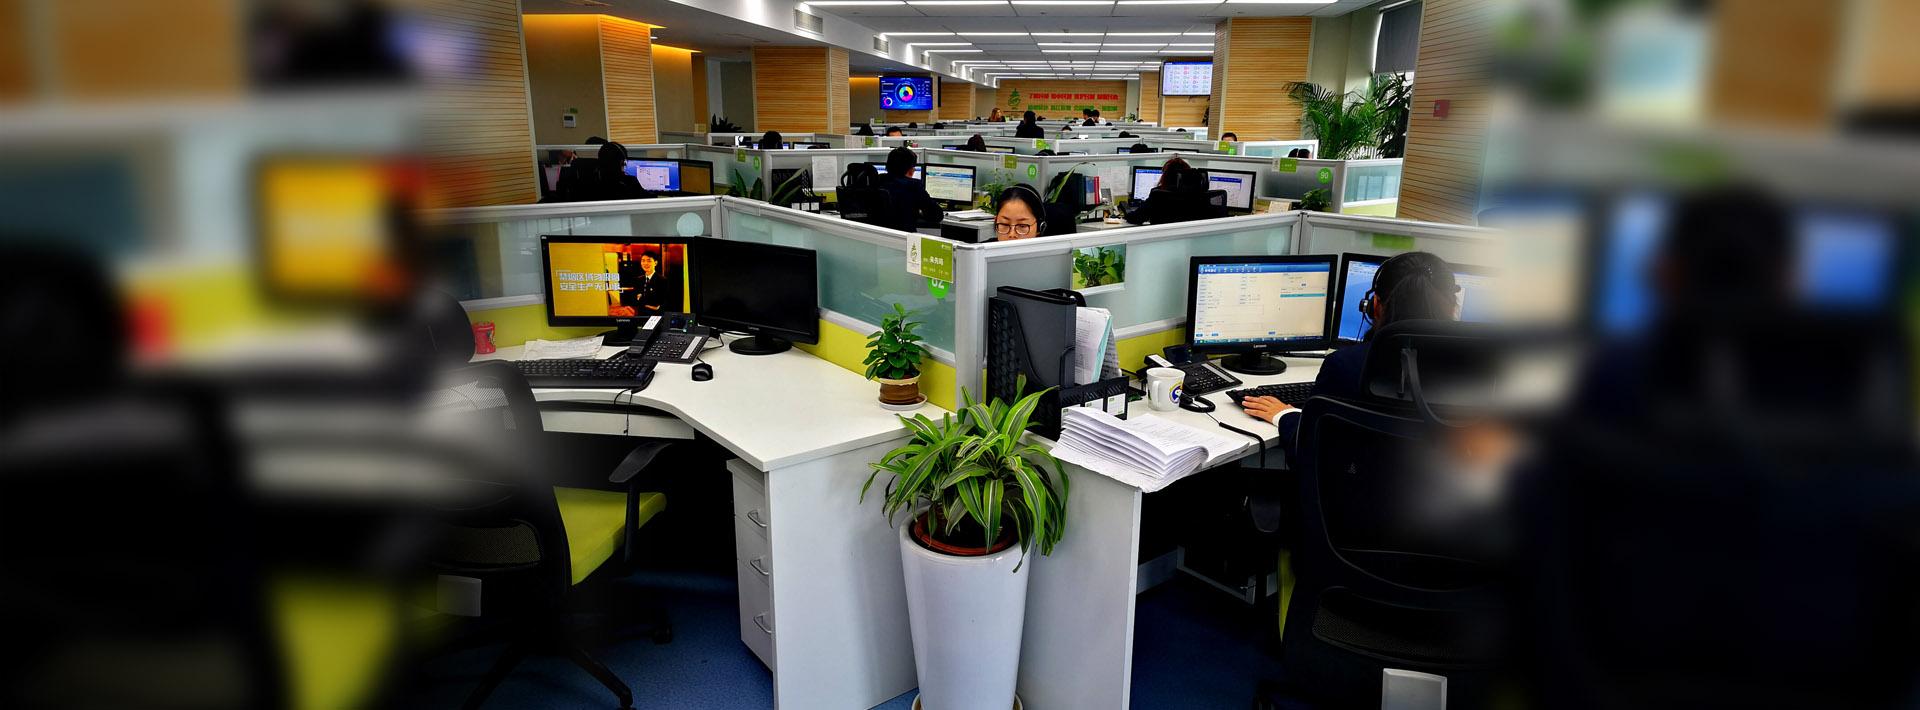 杭州市信访局政务平台装修